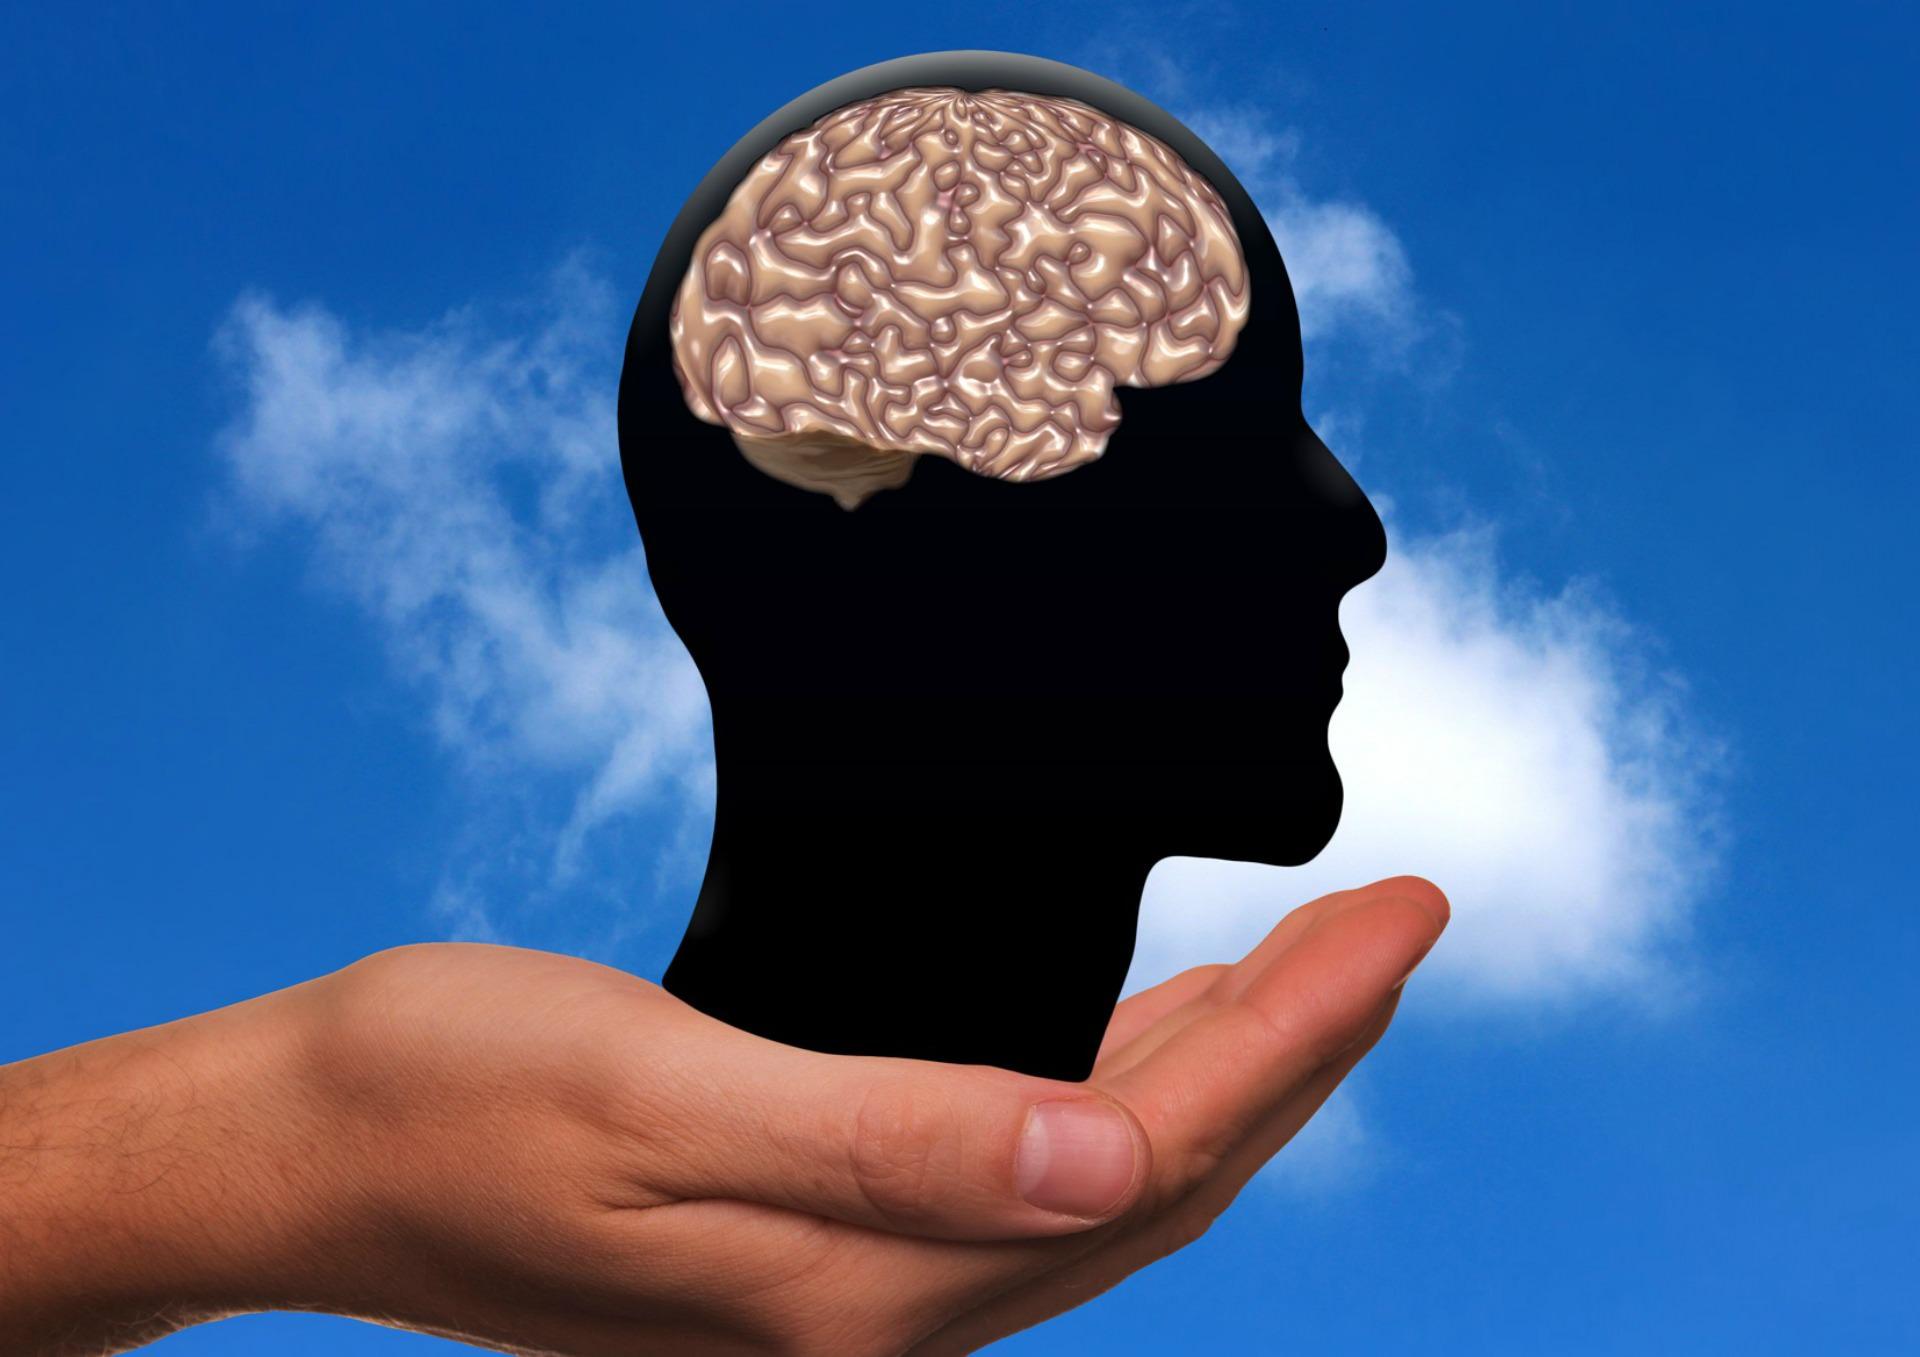 cerebro en mano